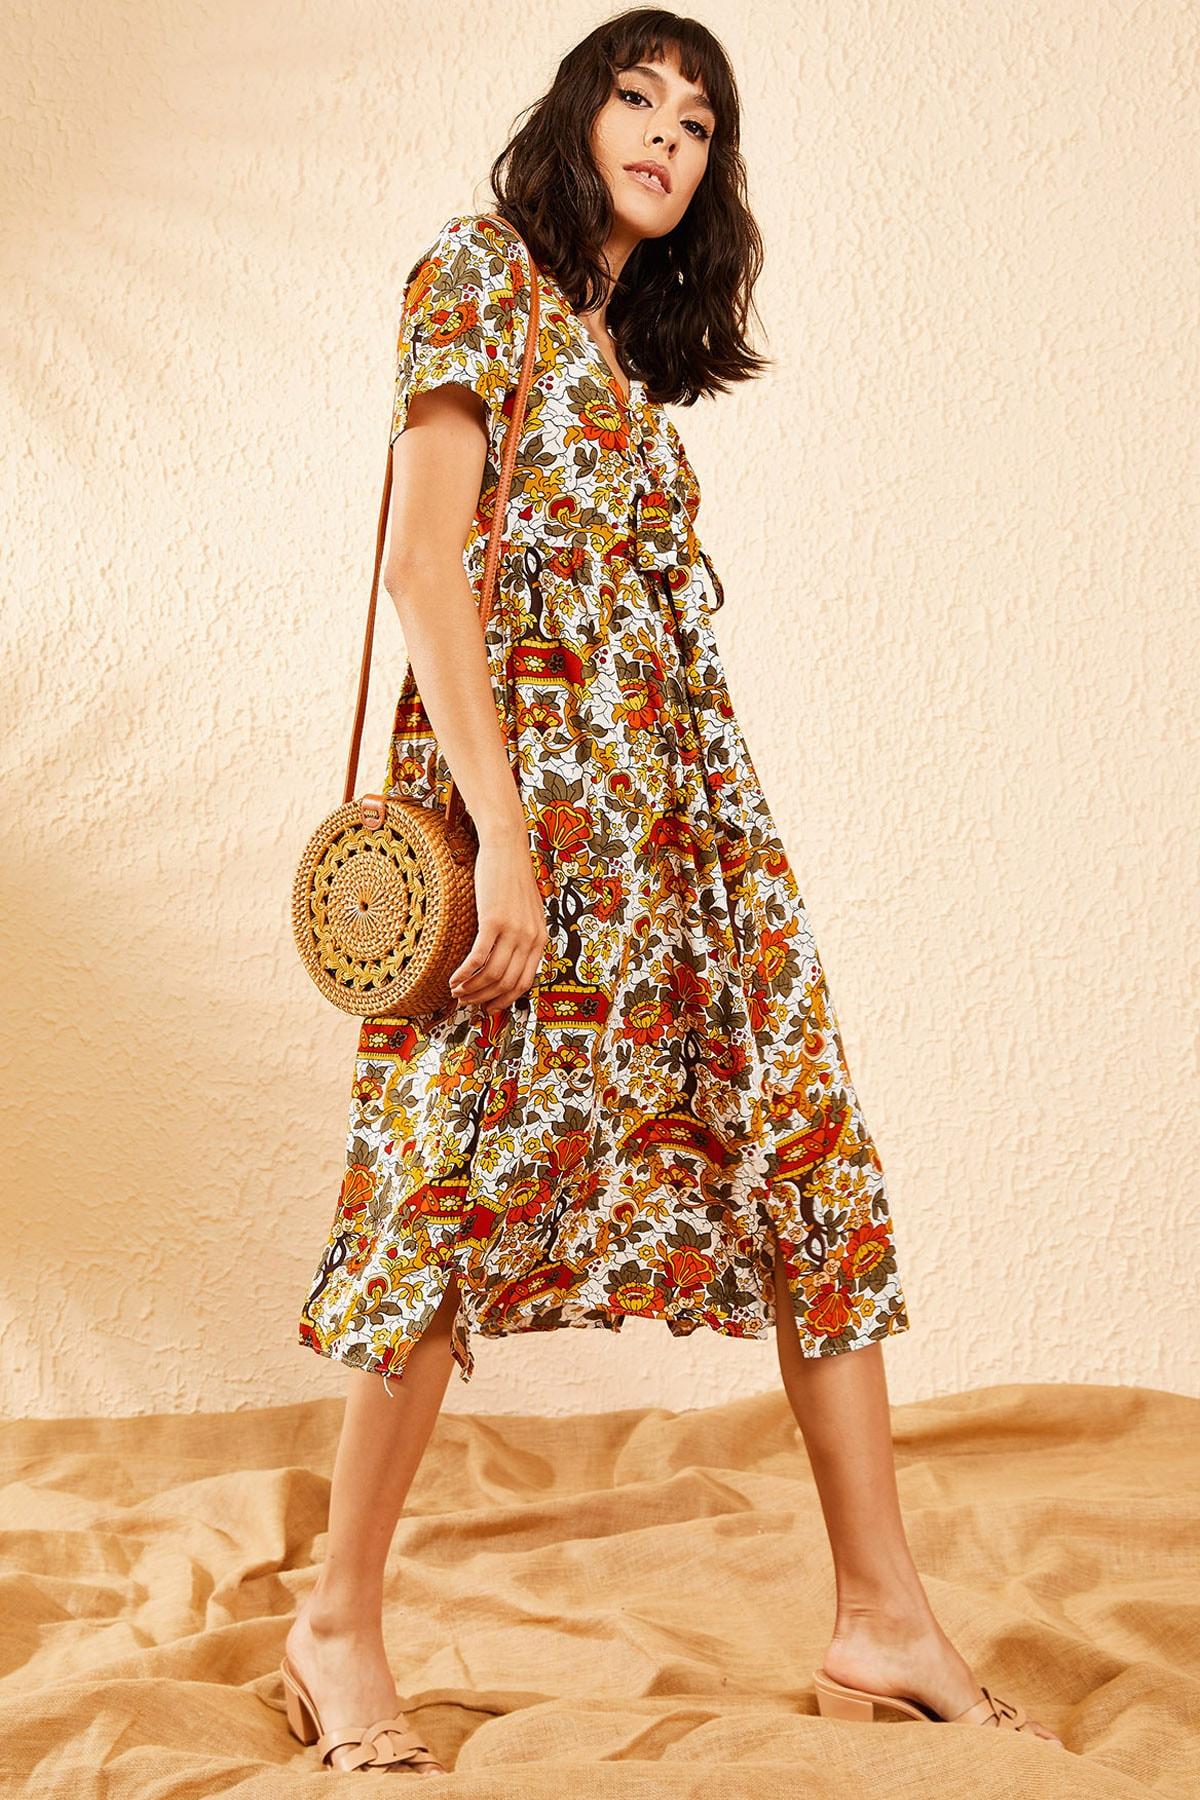 Bianco Lucci Kadın Beyaz Multi Çiçek Desenli Düğme Detaylı Uzun Gömlek  Elbise 10081006 4